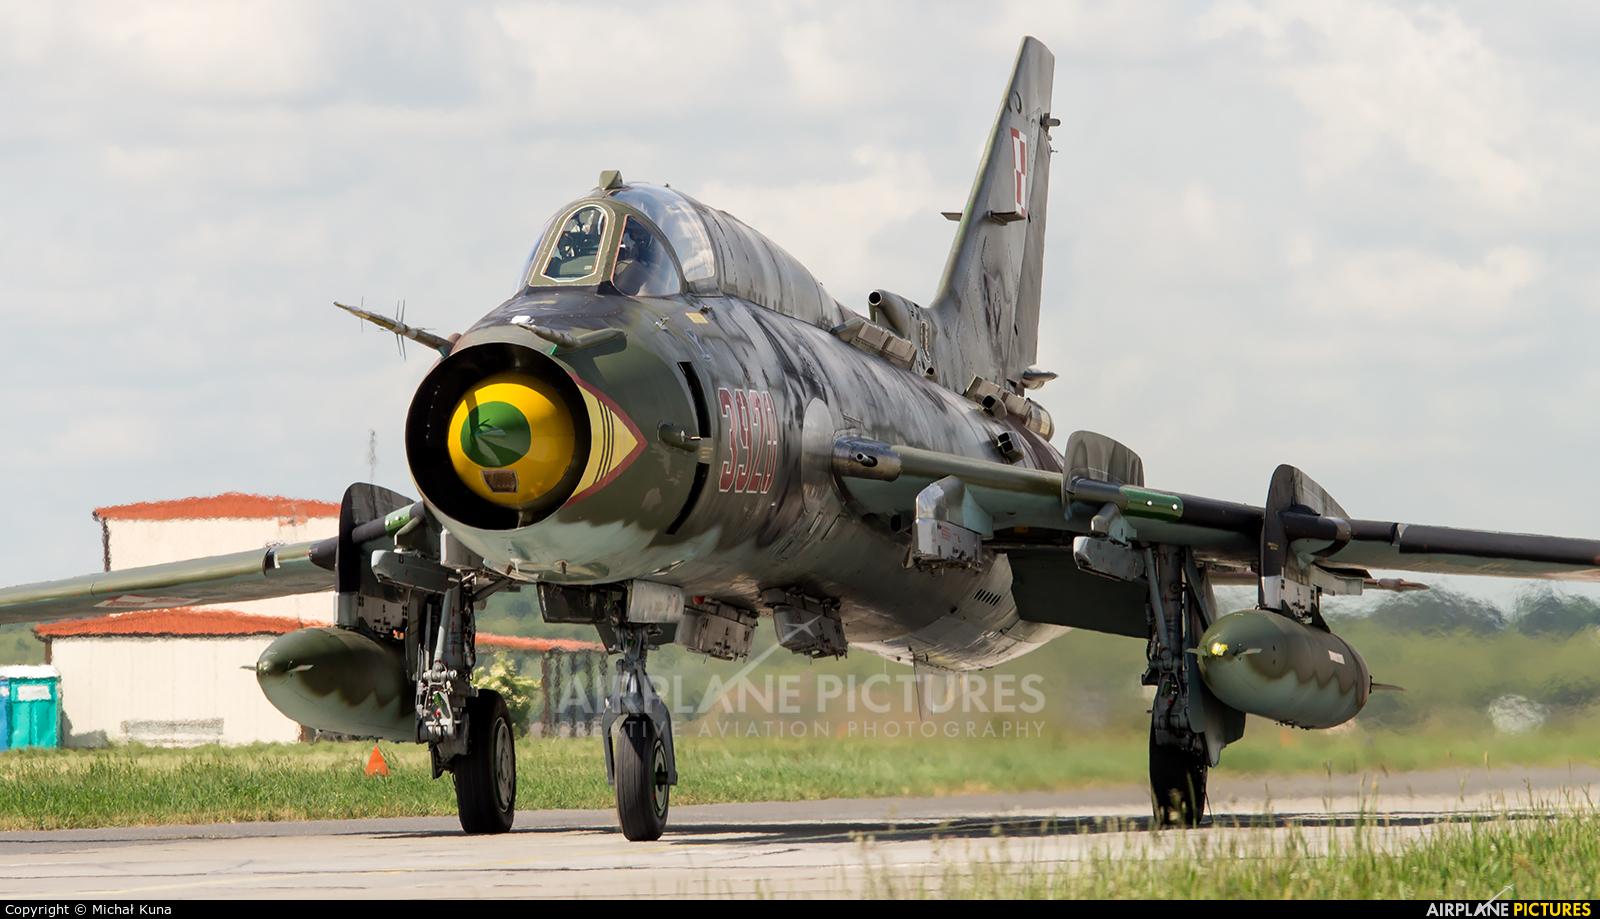 Poland - Air Force 3920 aircraft at Malbork